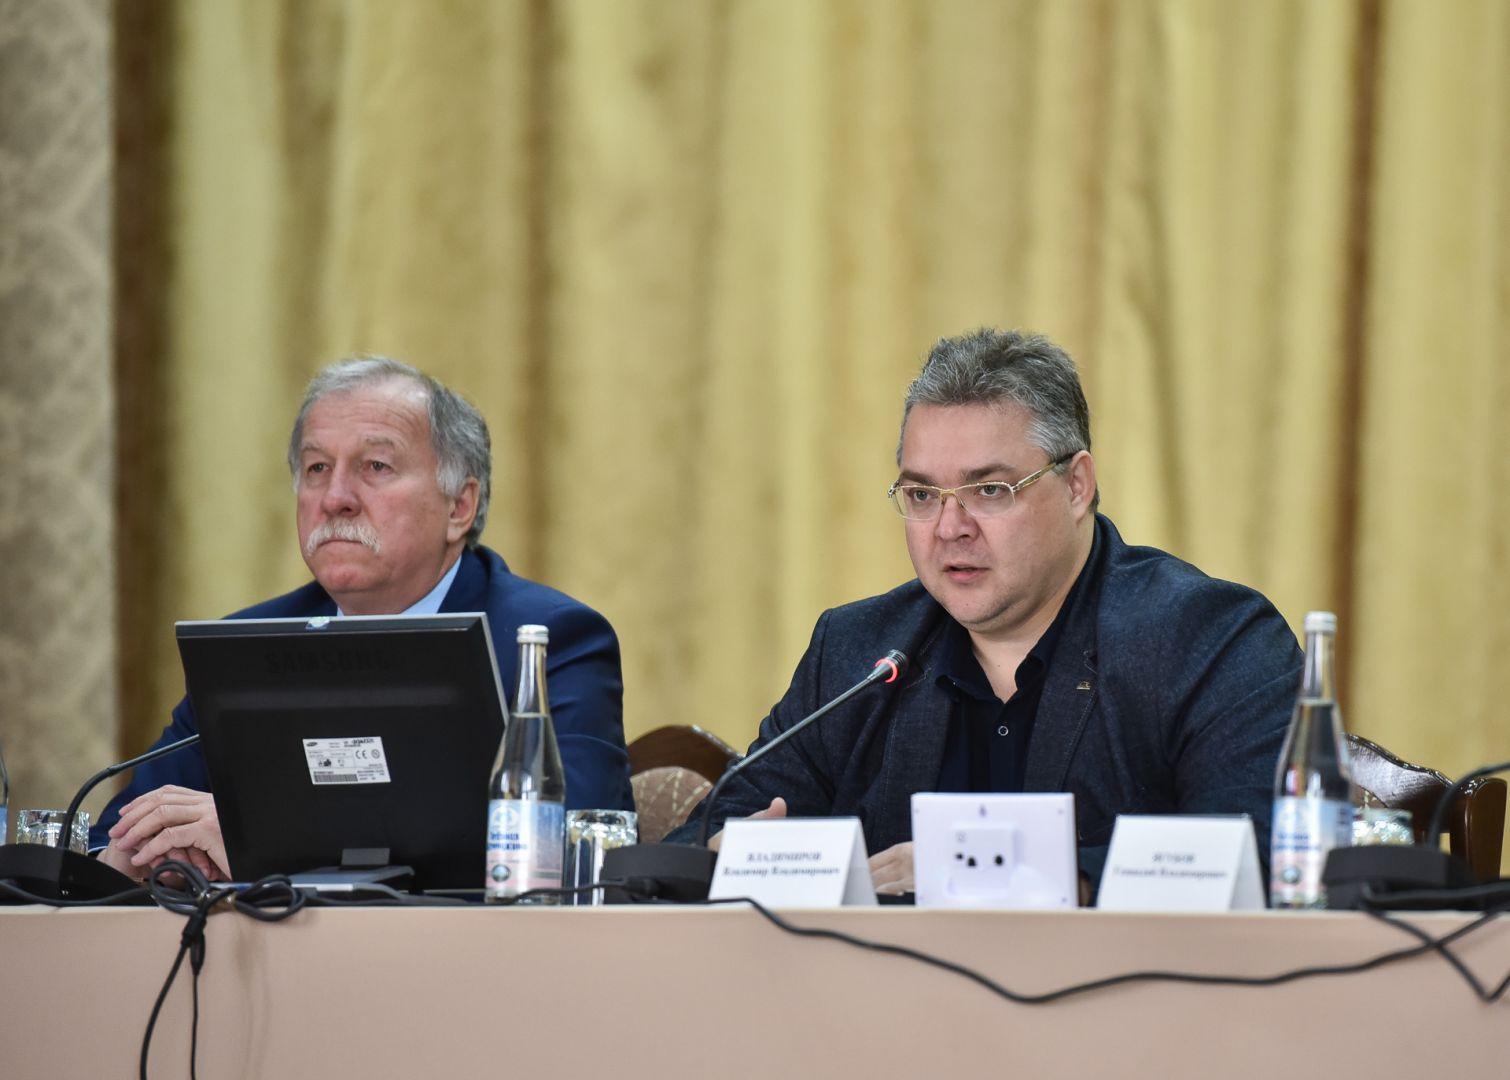 Развитие инновационной экосистемы края обсудили на выездном заседании правительства Ставрополья